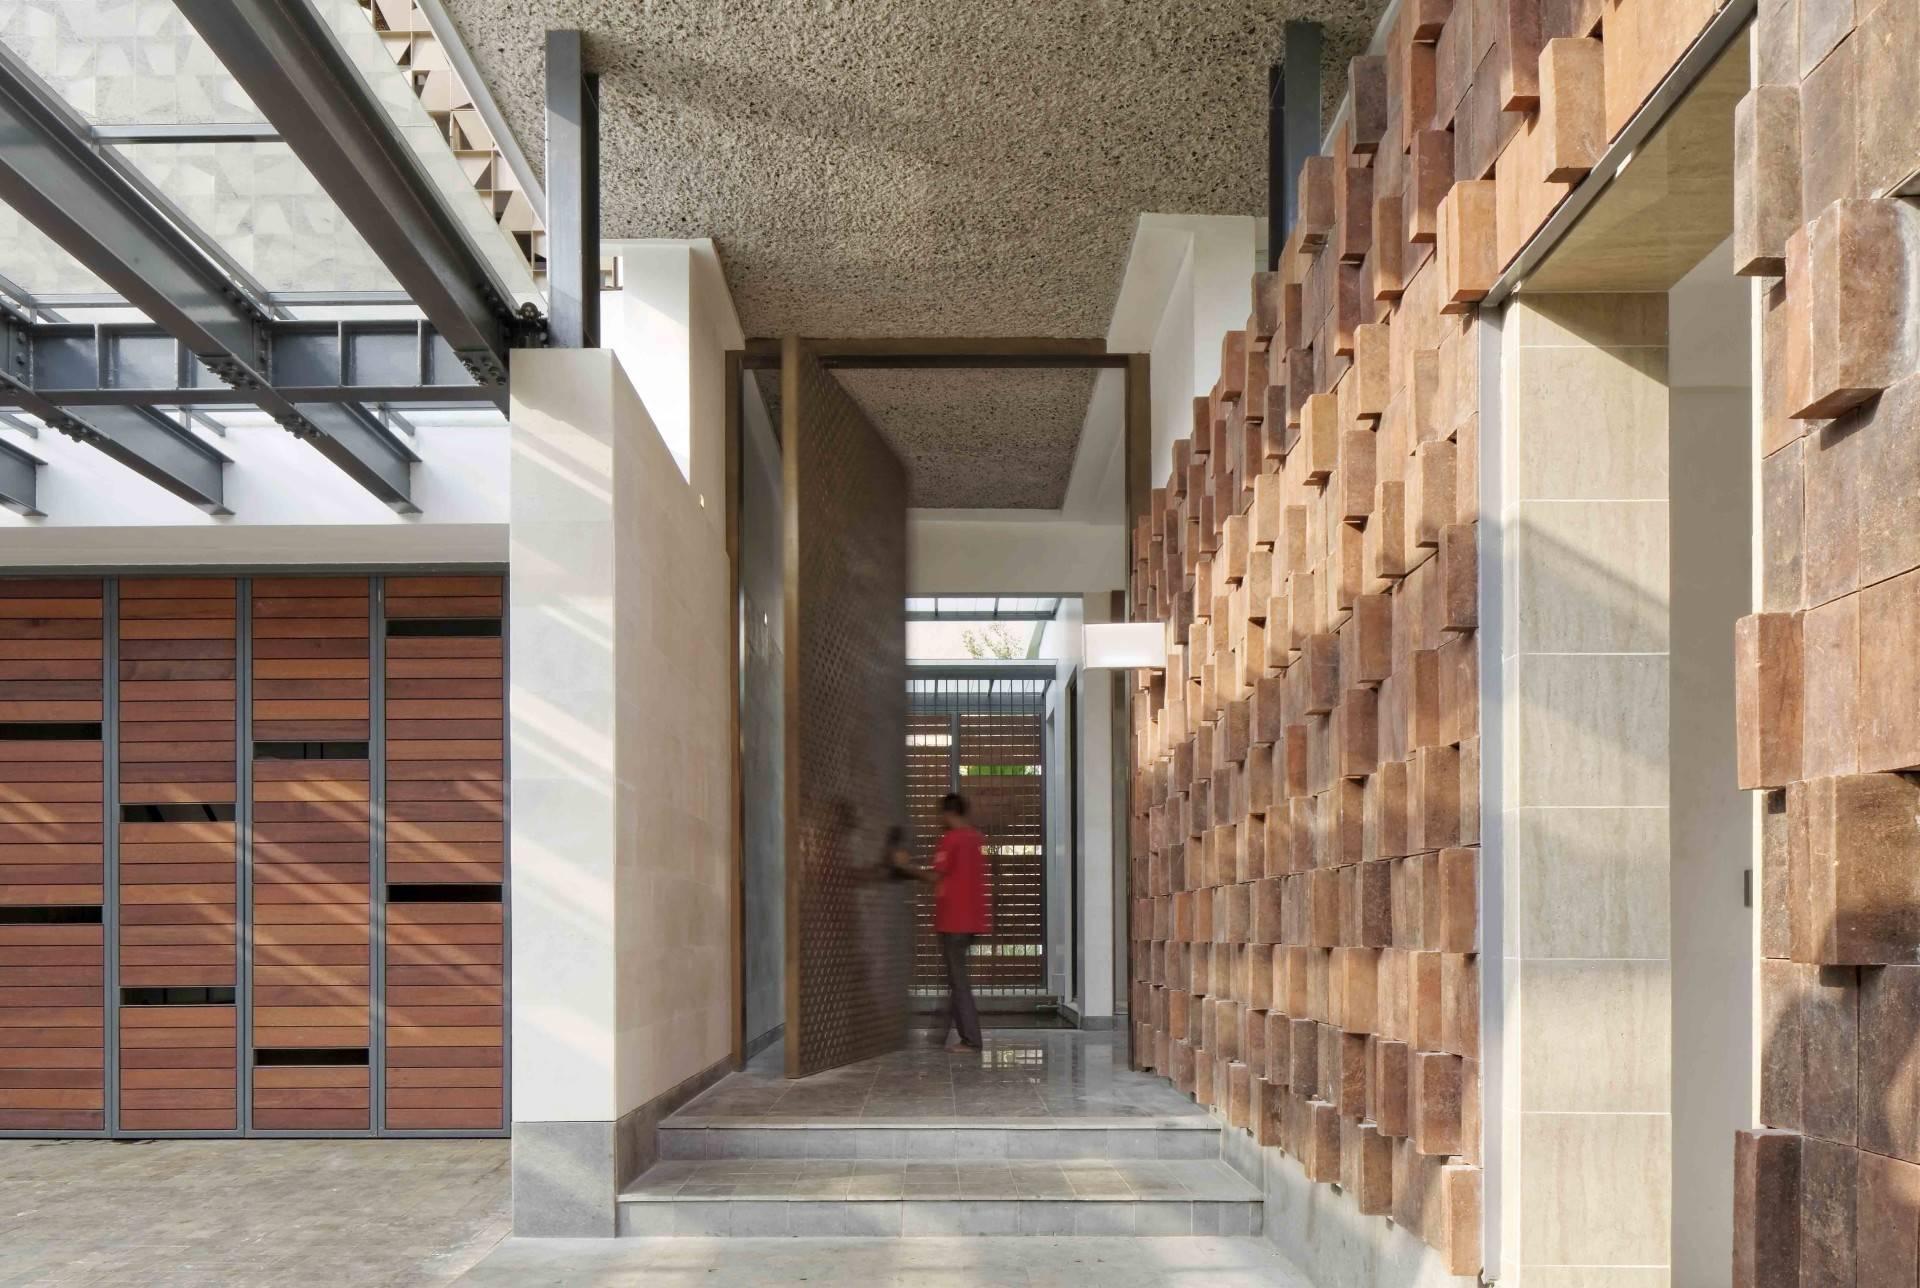 8 Desain Pintu Masuk Rumah Keren Untuk Kesan Pertama Yang Tak Terlupakan | Foto artikel Arsitag